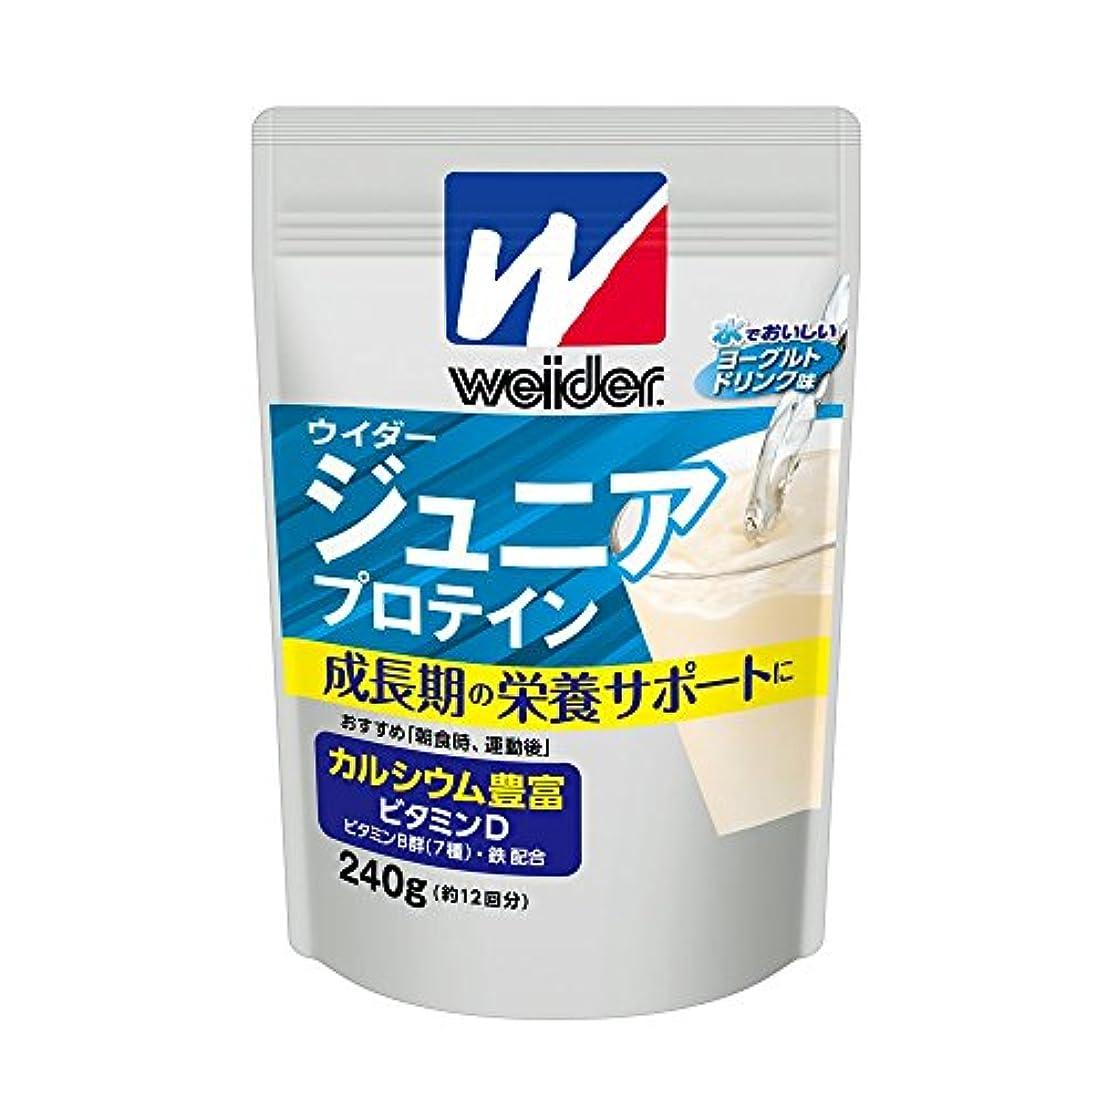 容赦ない満足させるモンキーウイダー ジュニアプロテイン ヨーグルトドリンク味 240g (約12回分) カルシウム?ビタミン?鉄分配合 合成甘味料不使用